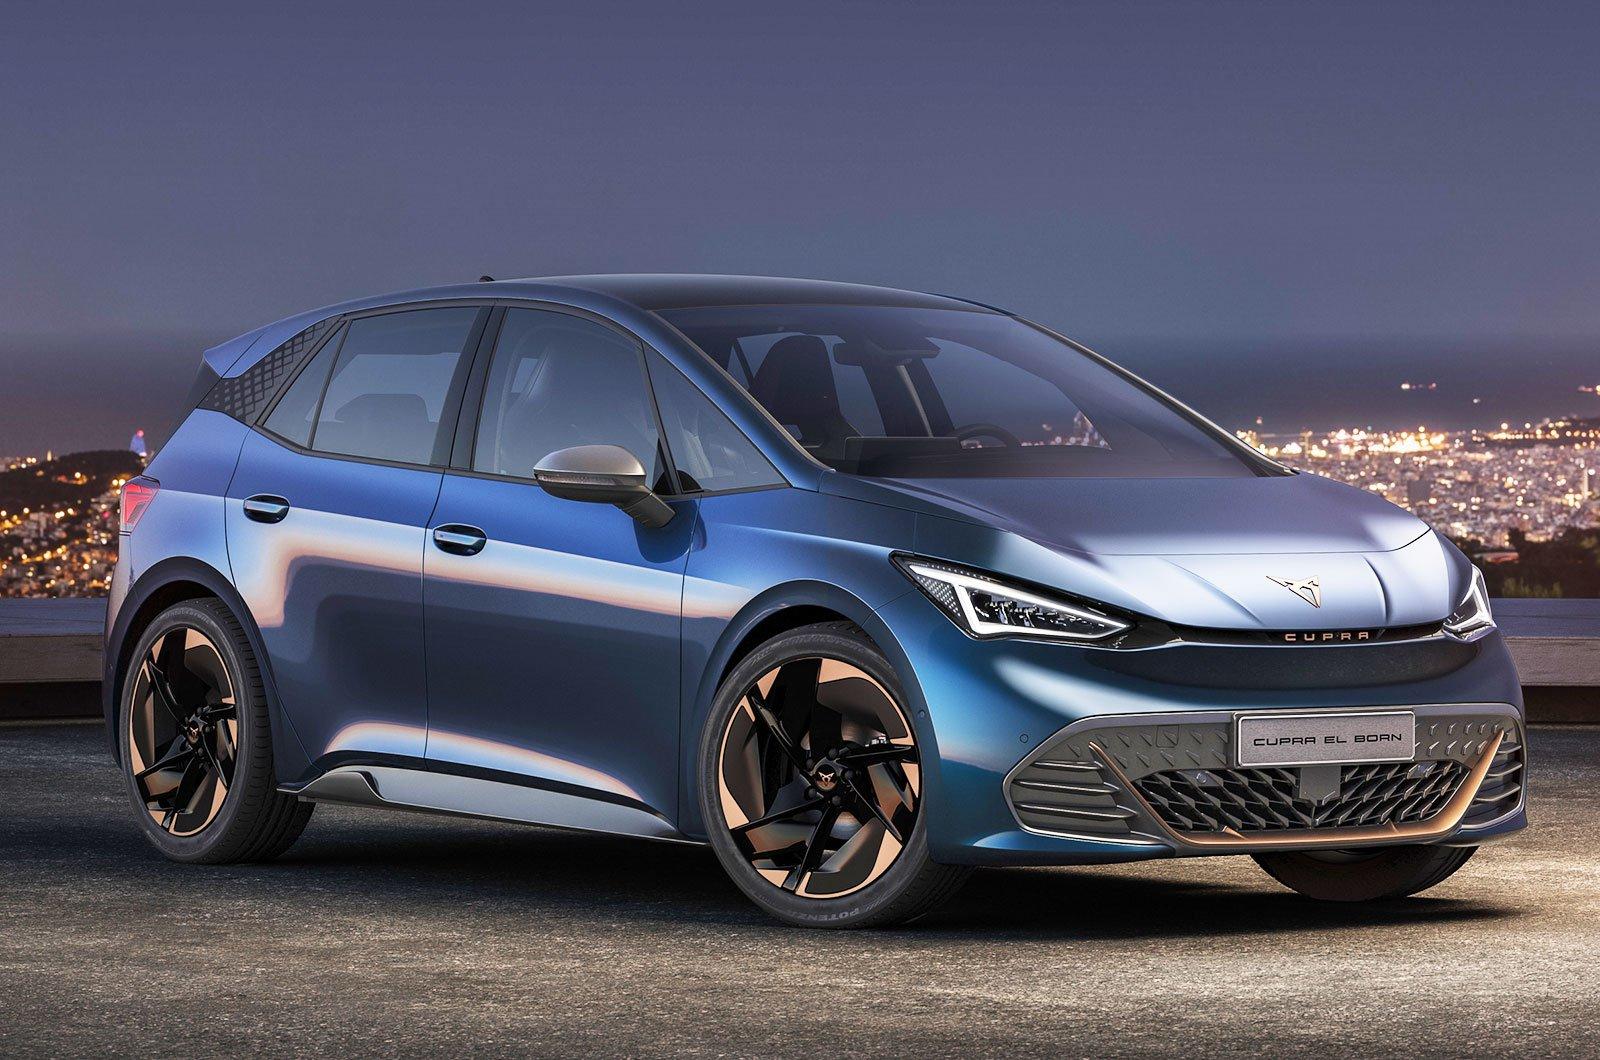 2021 Cupra el-Born concept front